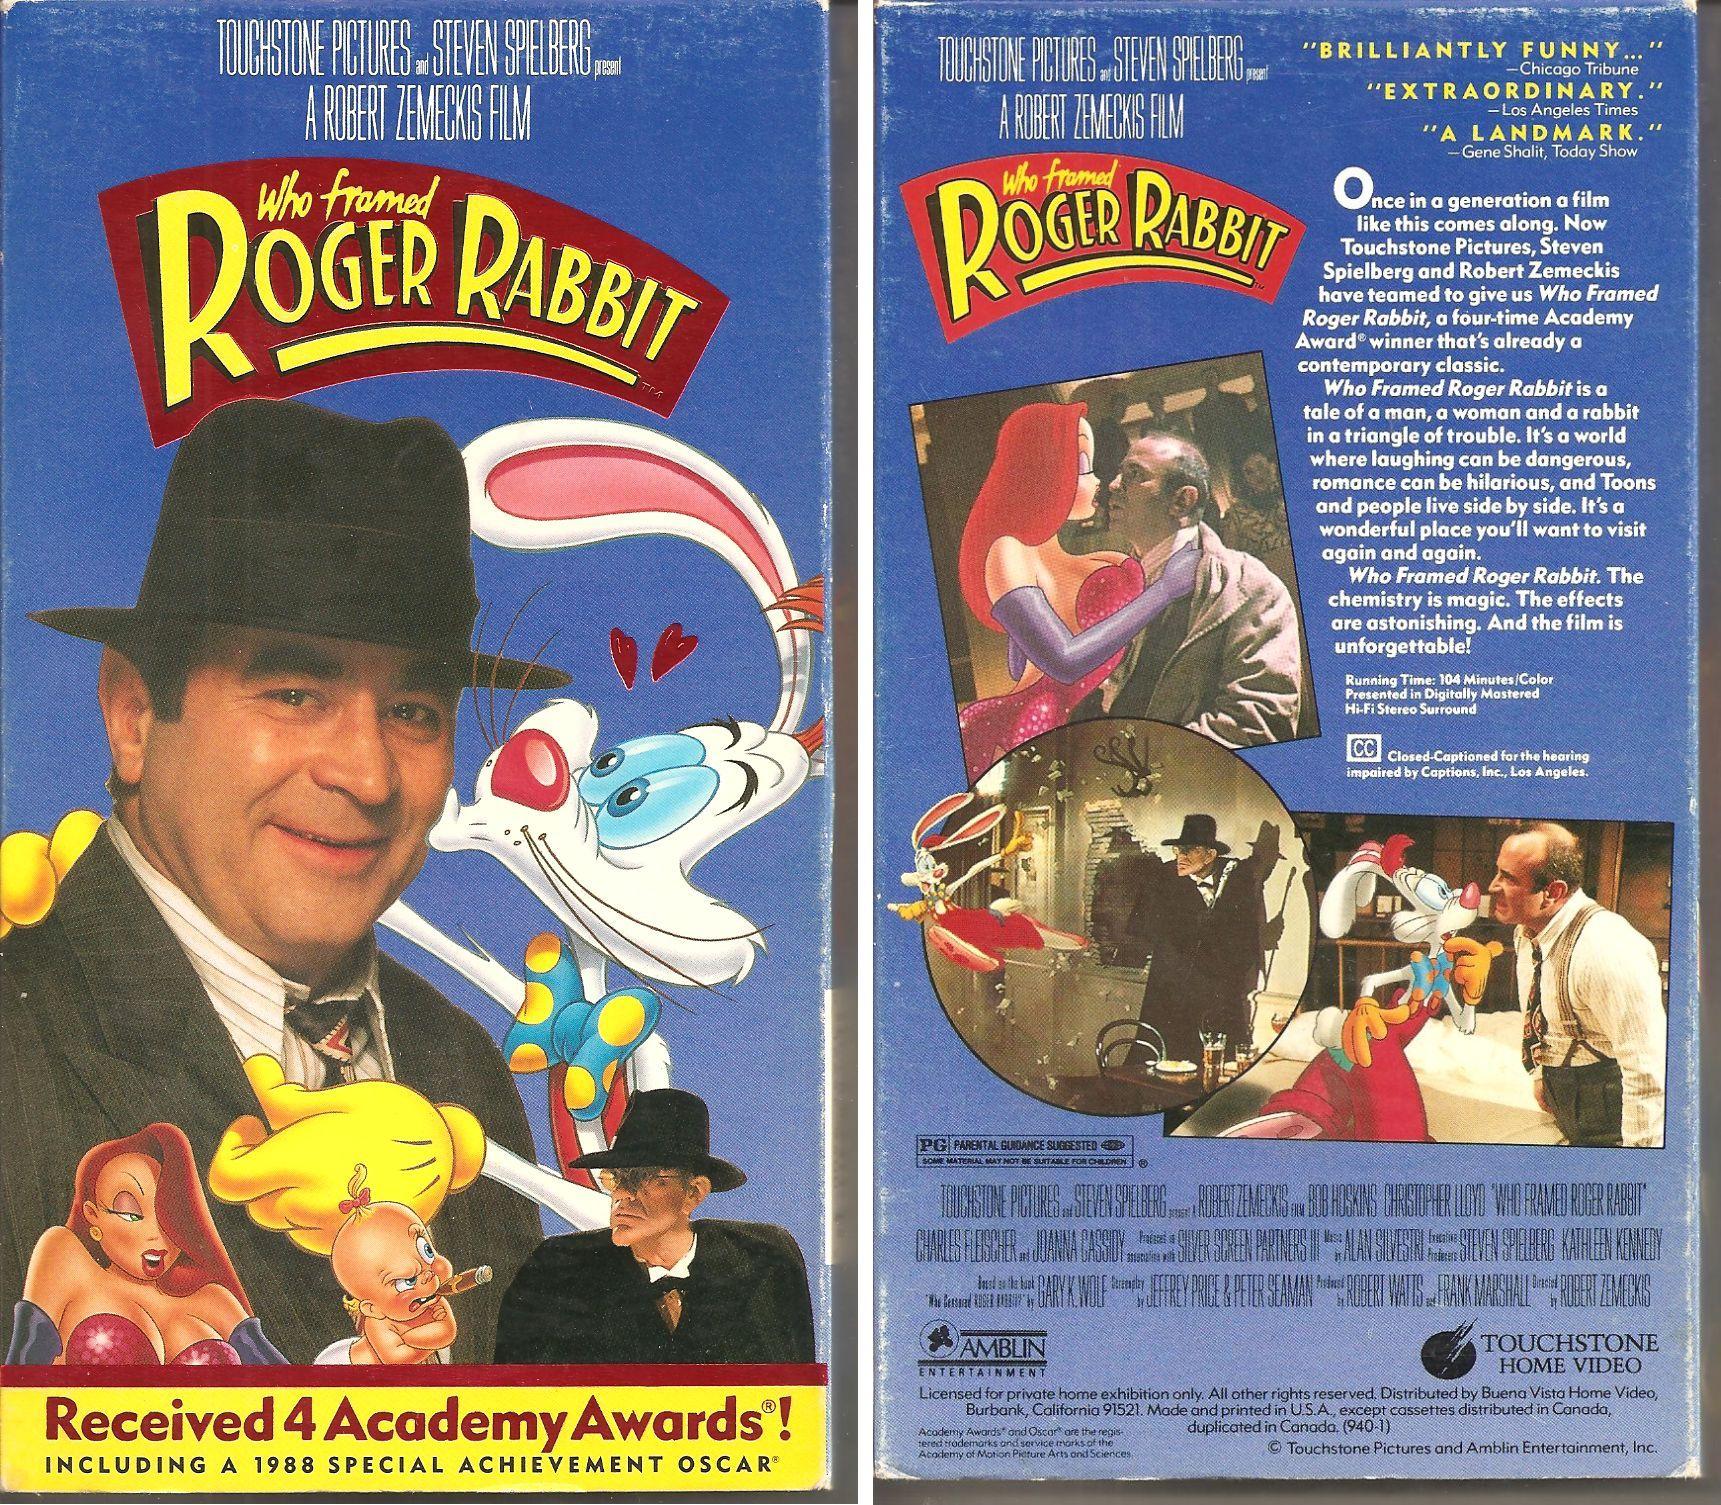 Who Framed Roger Rabbit? (VHS/DVD)